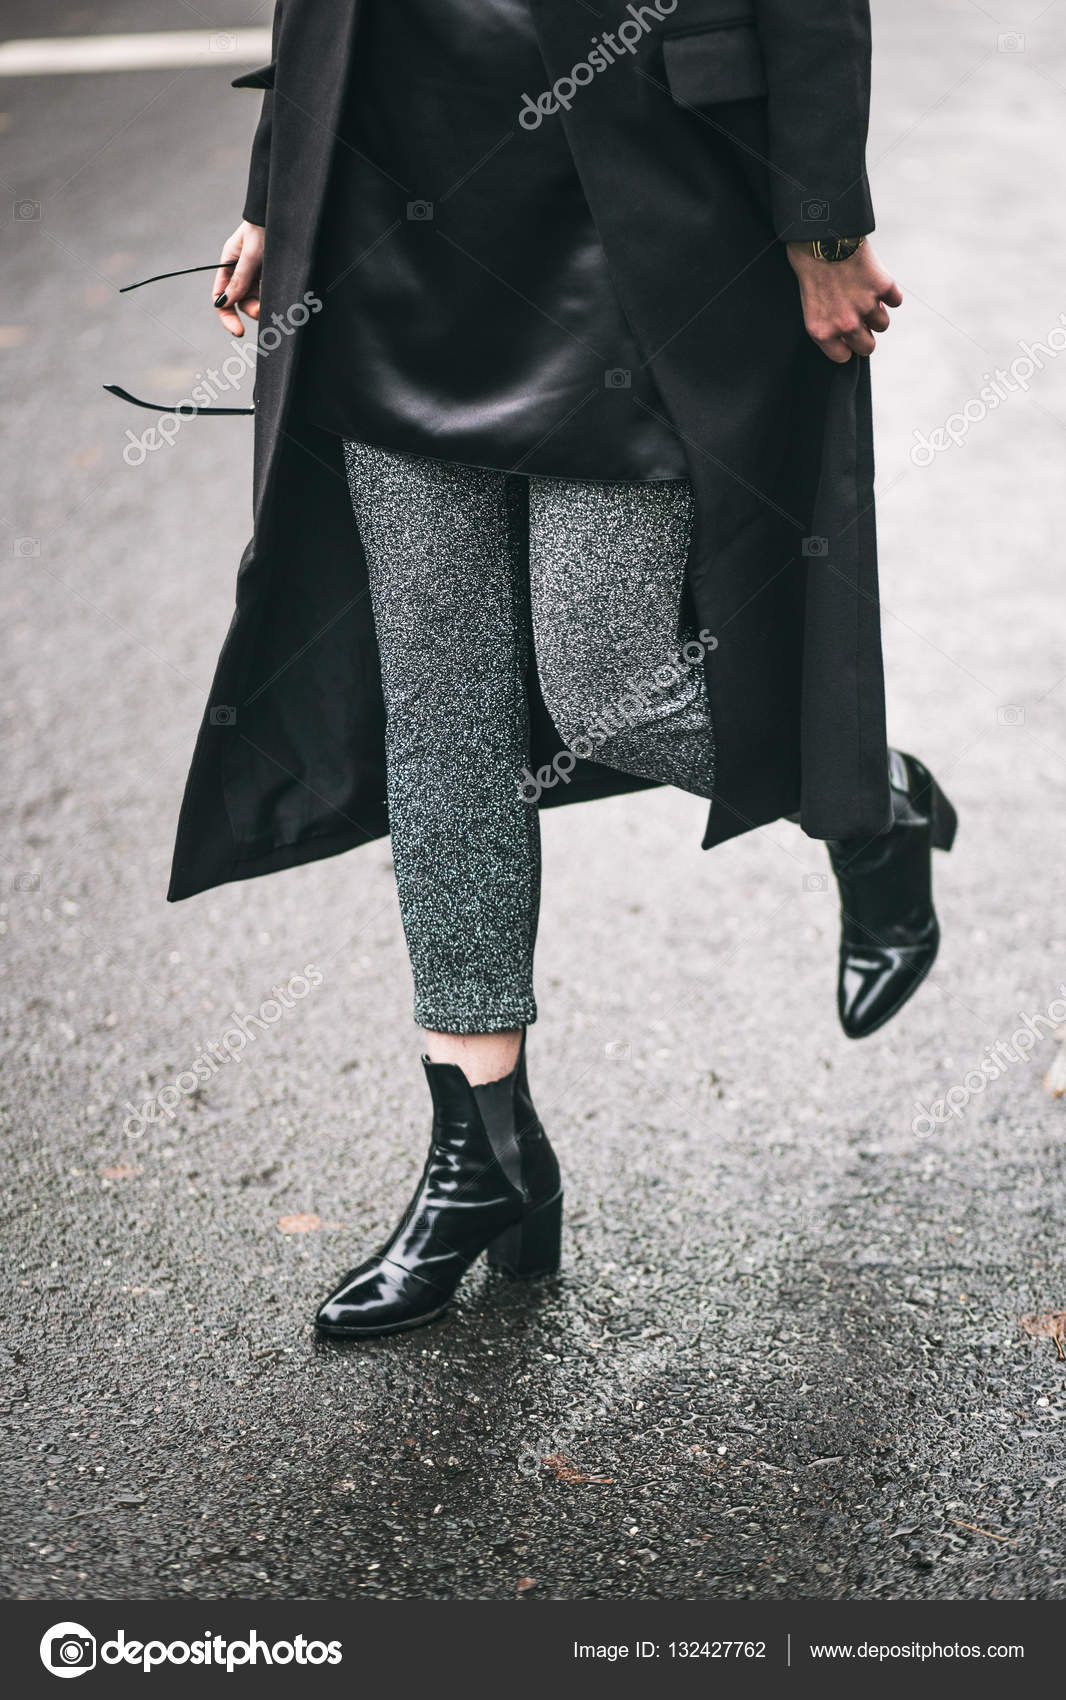 Look - How to oversized wear coat trend video